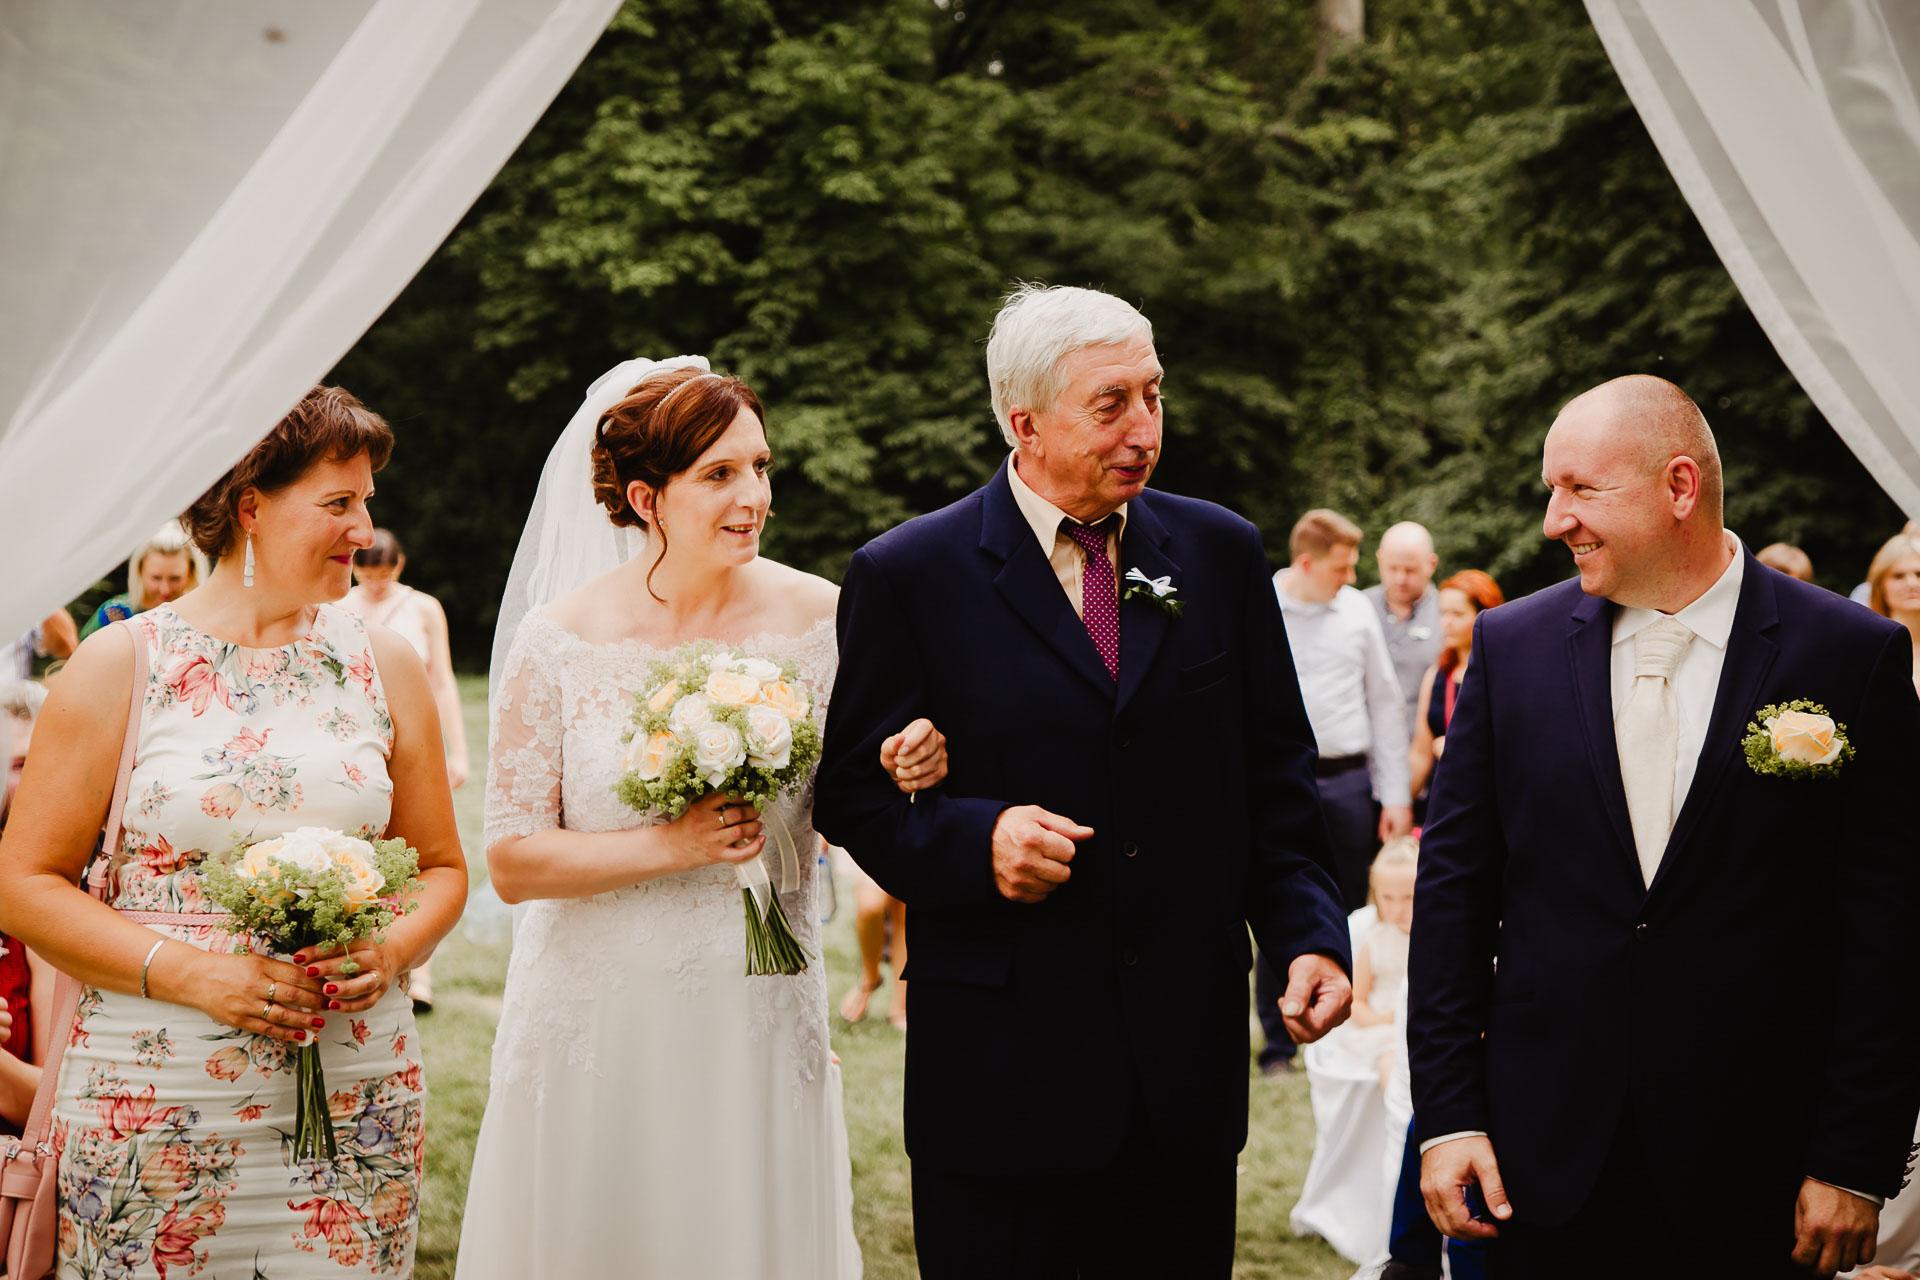 příprava-svatebního-obřadu-Lysá-nad-Labem-svatební-agentura-Svatbavenku-9175